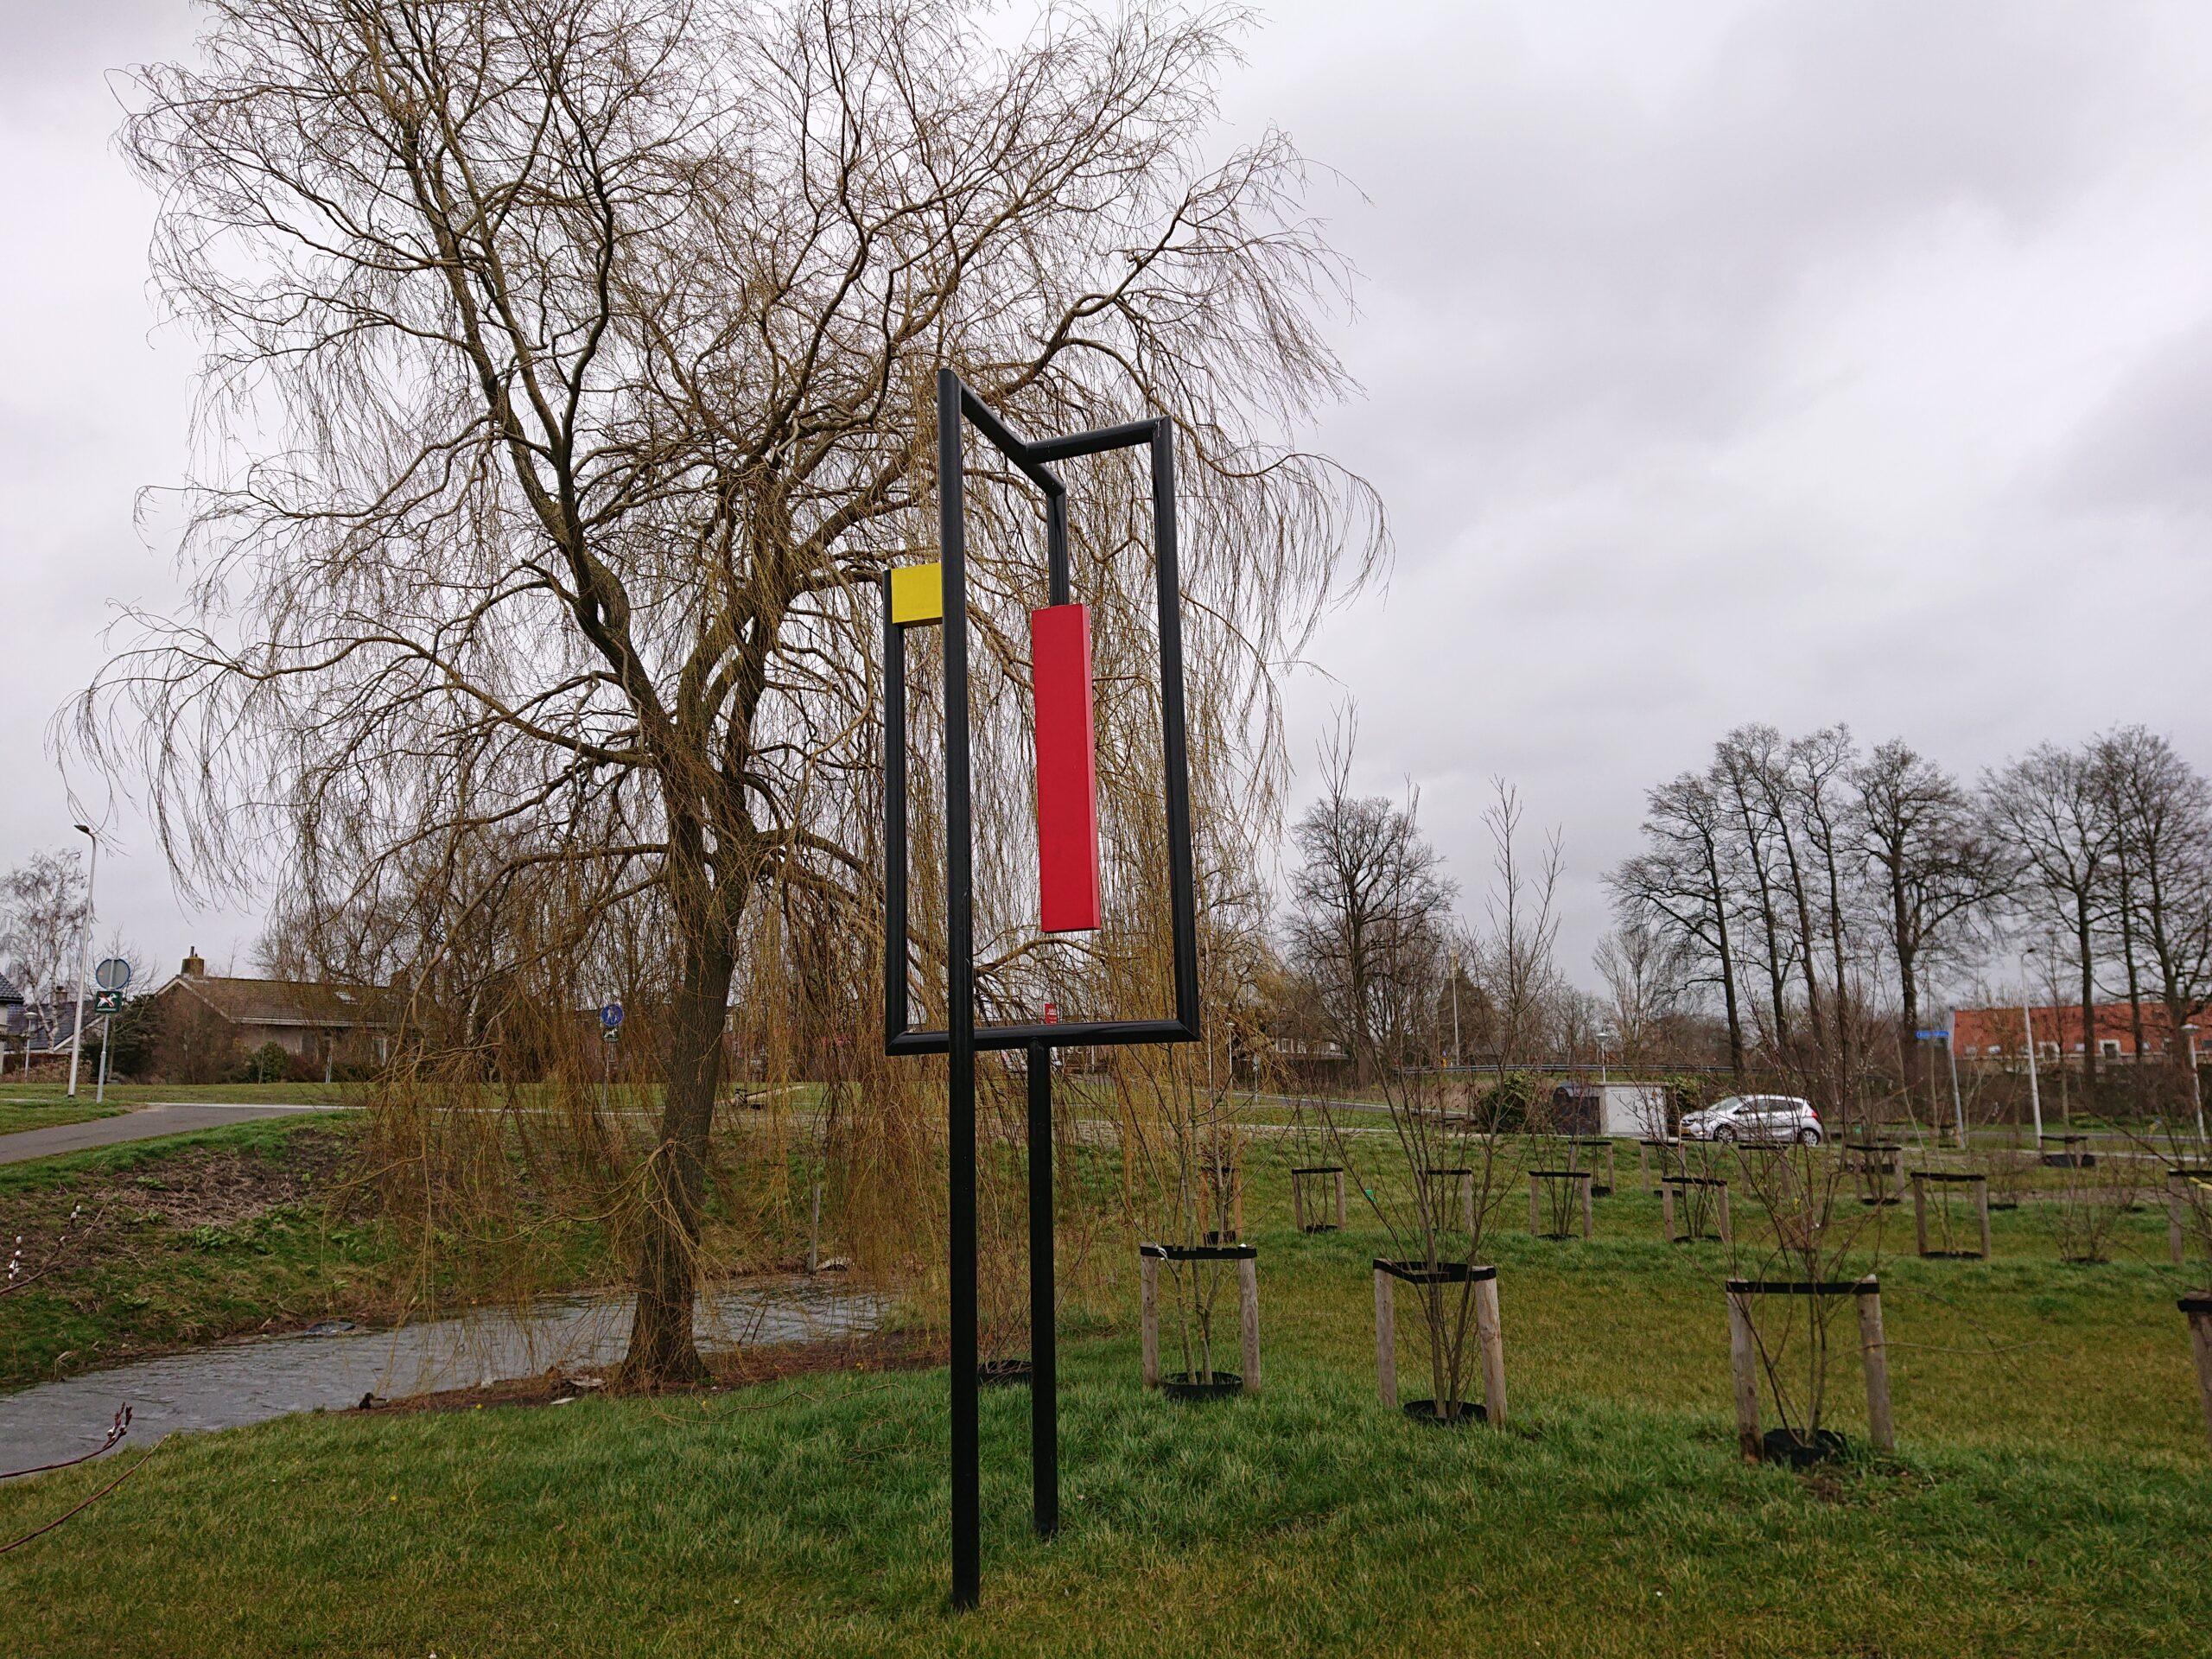 Beelden in Nederland: Mondriaan in de polder